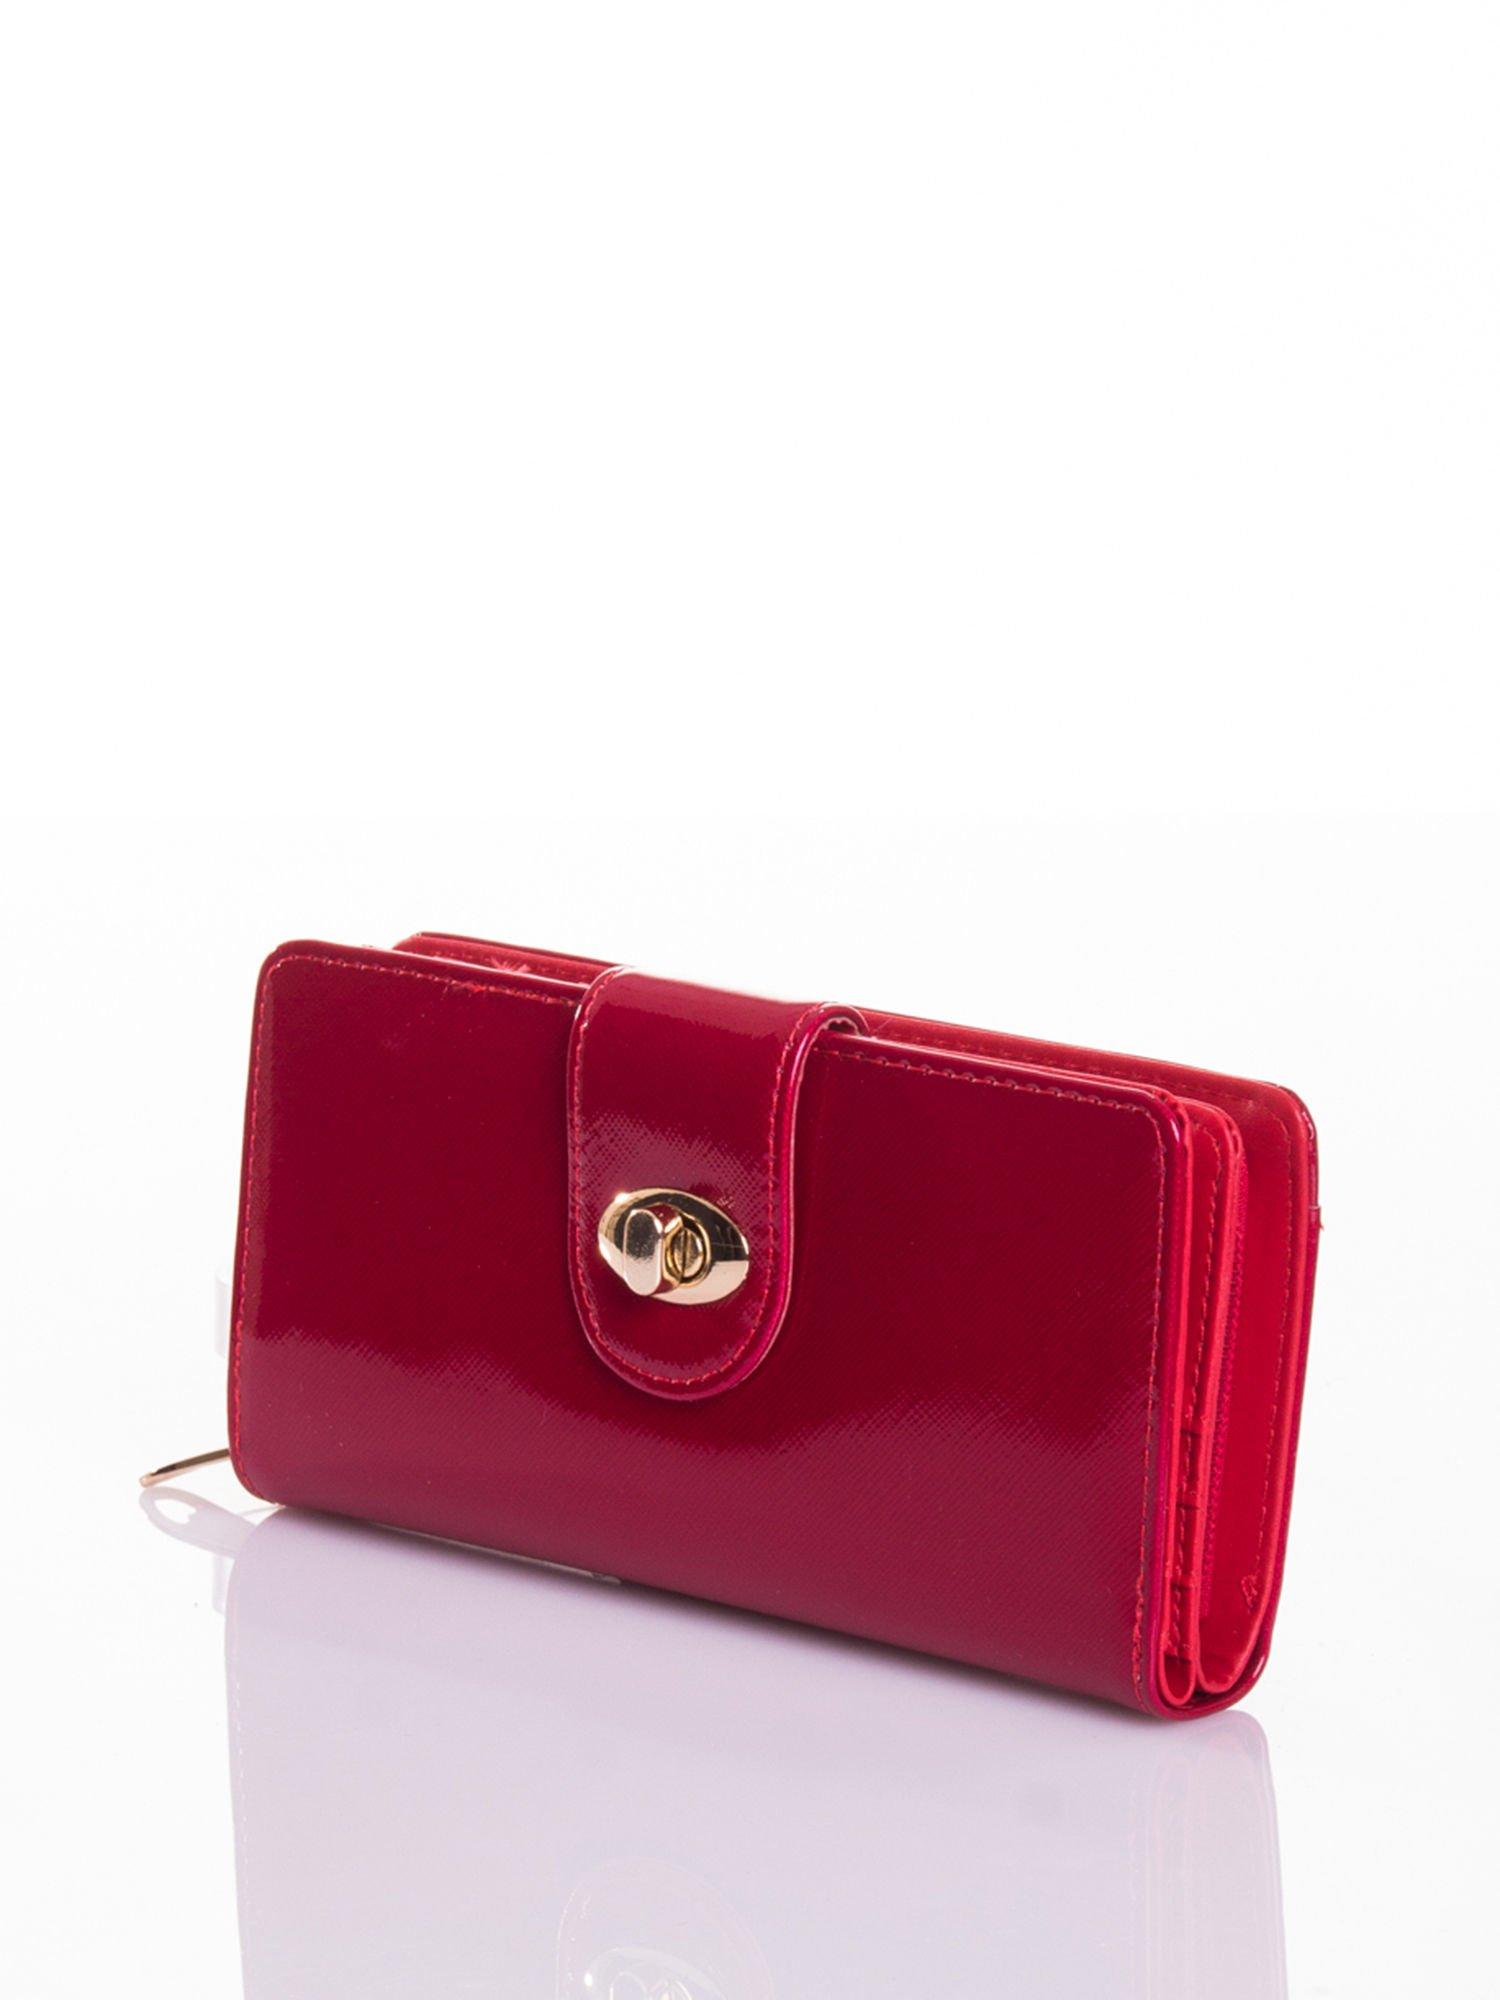 Czerwony portfel ze złotym zapięciem efekt skóry saffiano                                  zdj.                                  2